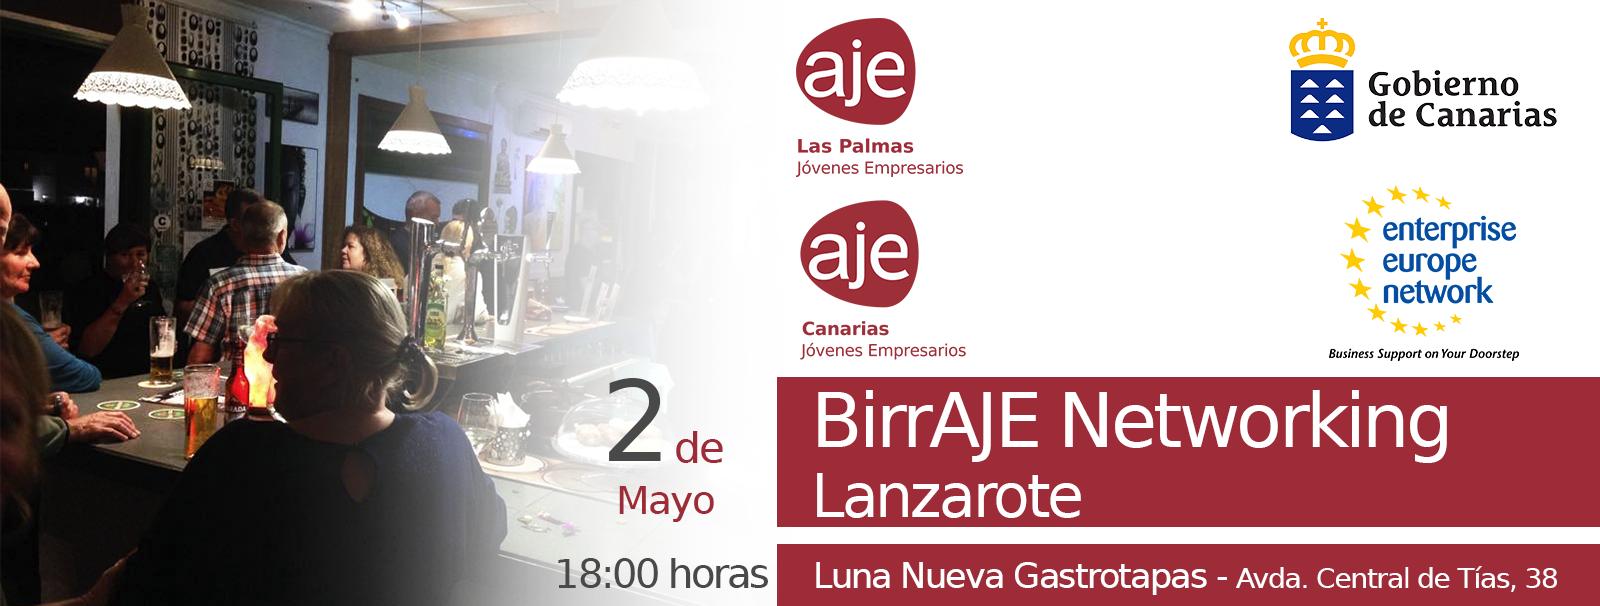 BirrAJE Networking Lanzarote Luna Nueva Gastrotapas 02.05.2019 evento web Asociación de Jóvenes Empresarios Canarias